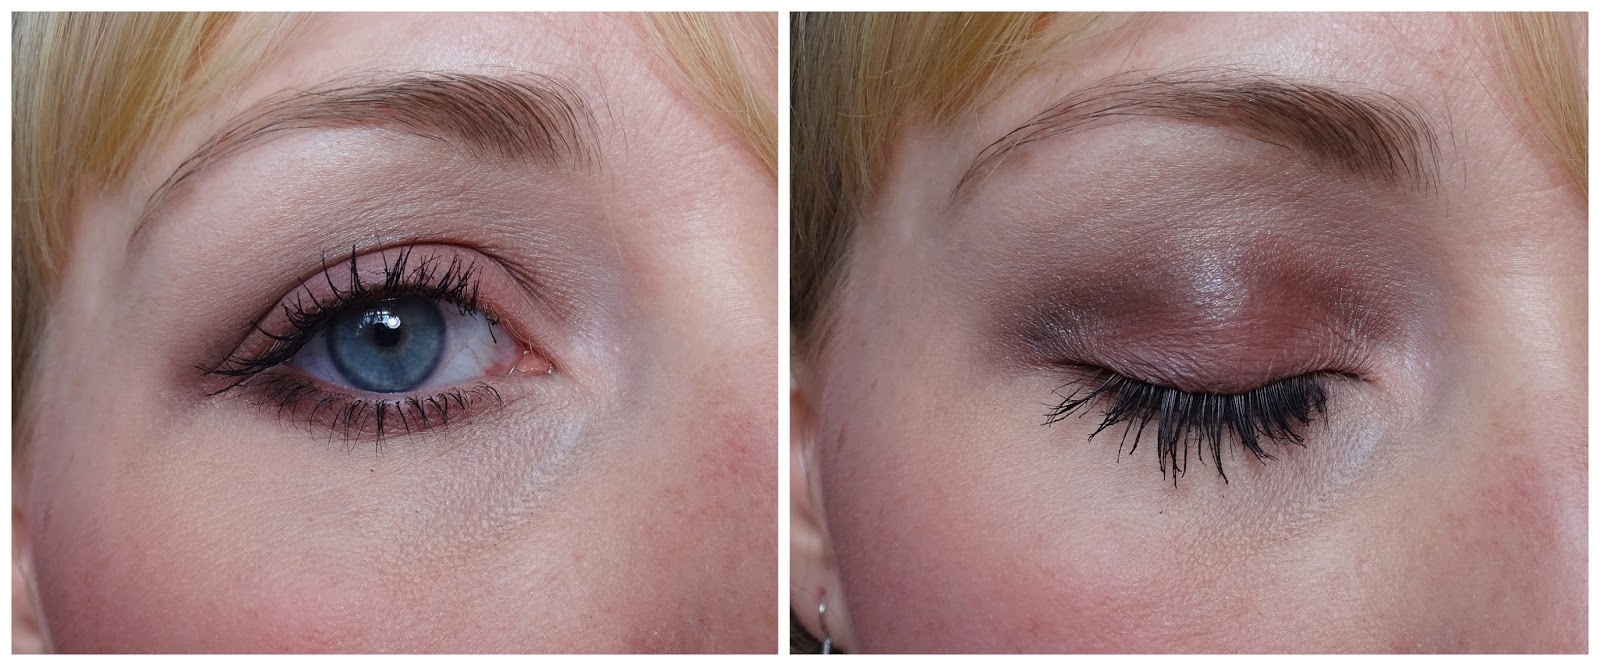 AMU, Beautyblog, Augen, Lidschatten